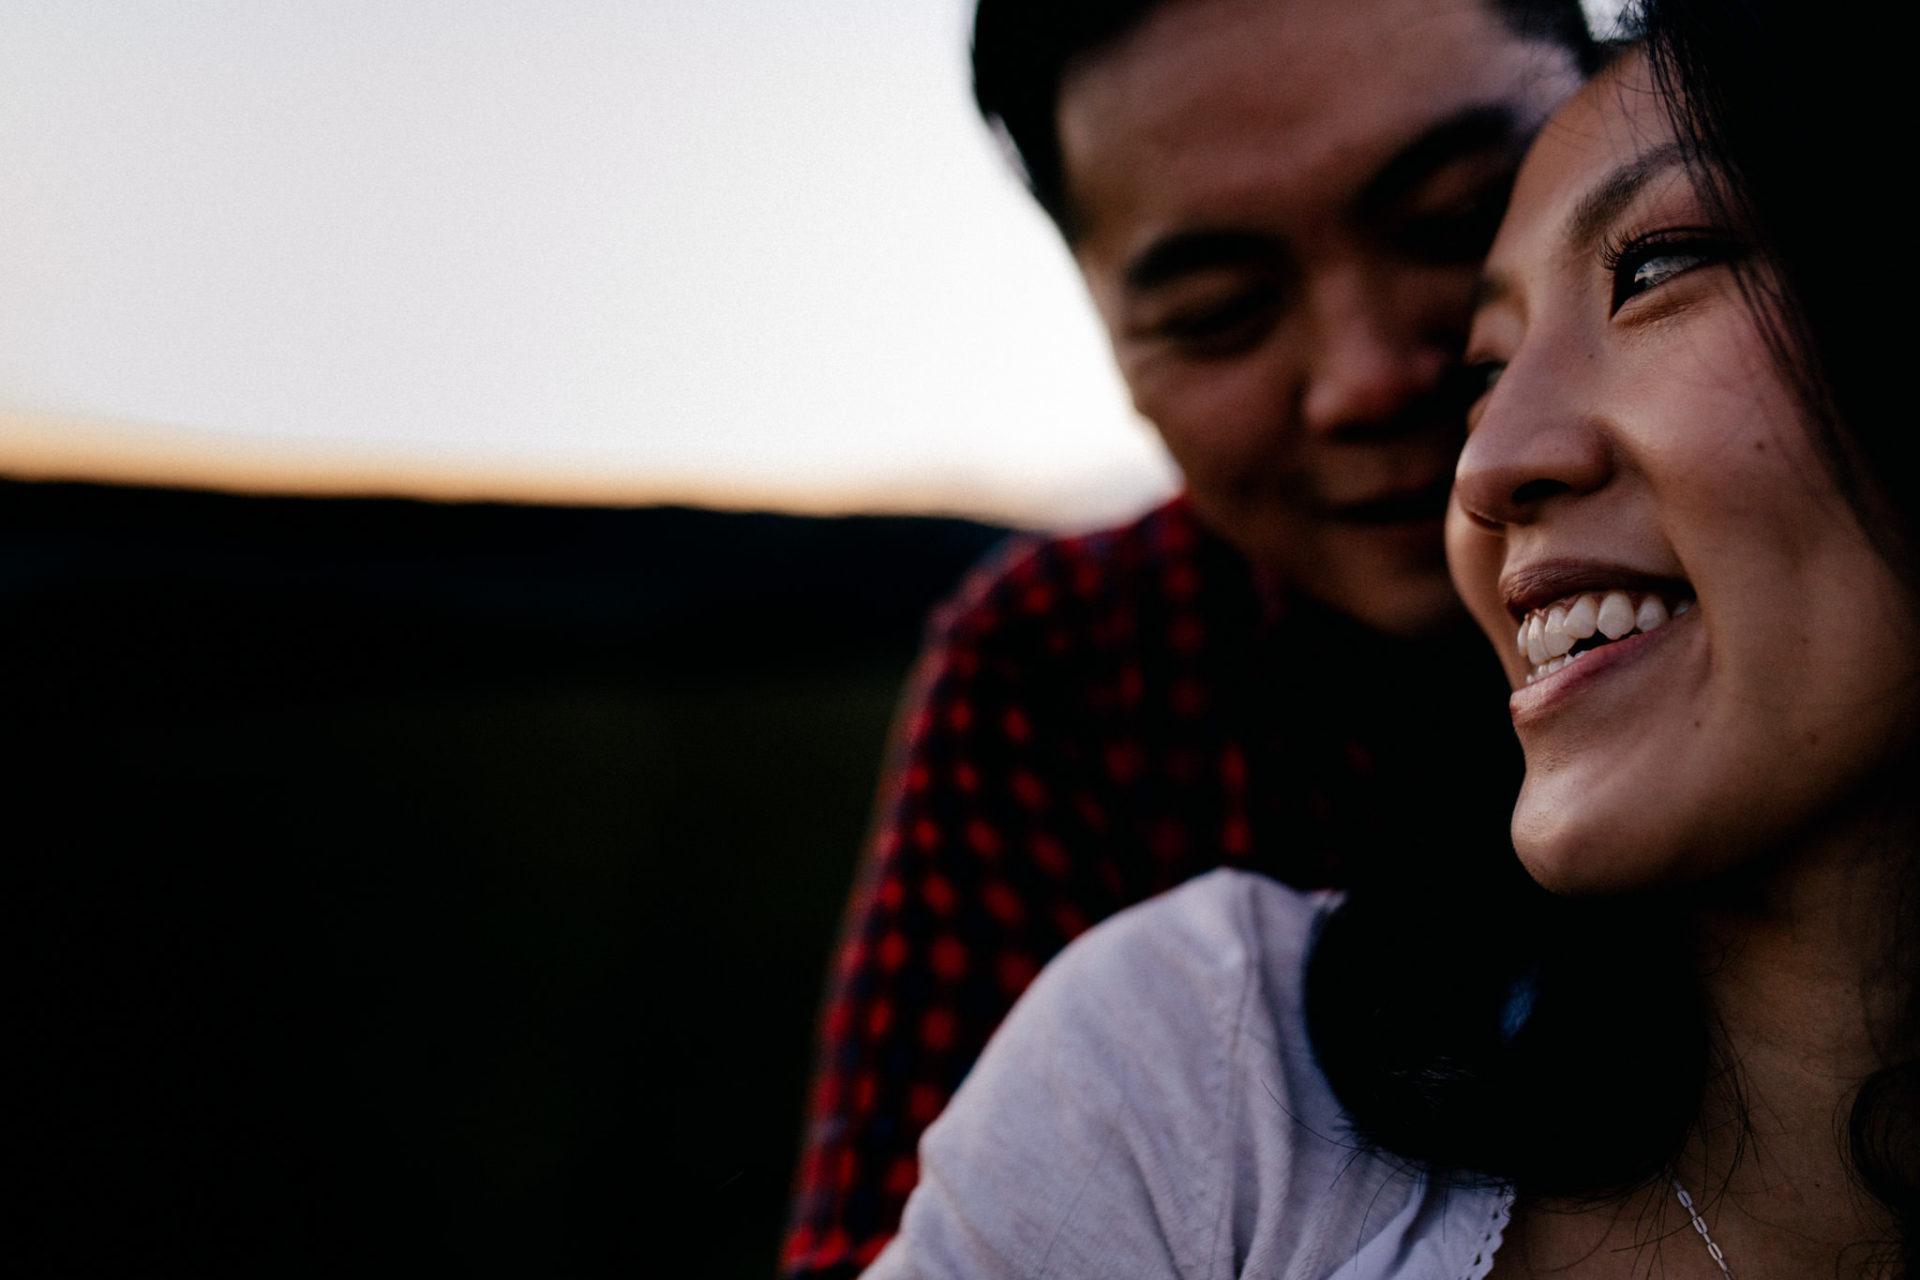 dokumentarische Hochzeitsfotografie-Verlobungsbilder Melbourne-Umgestellte kreative Hochzeitsbilder-hippster Hochzeit berlin